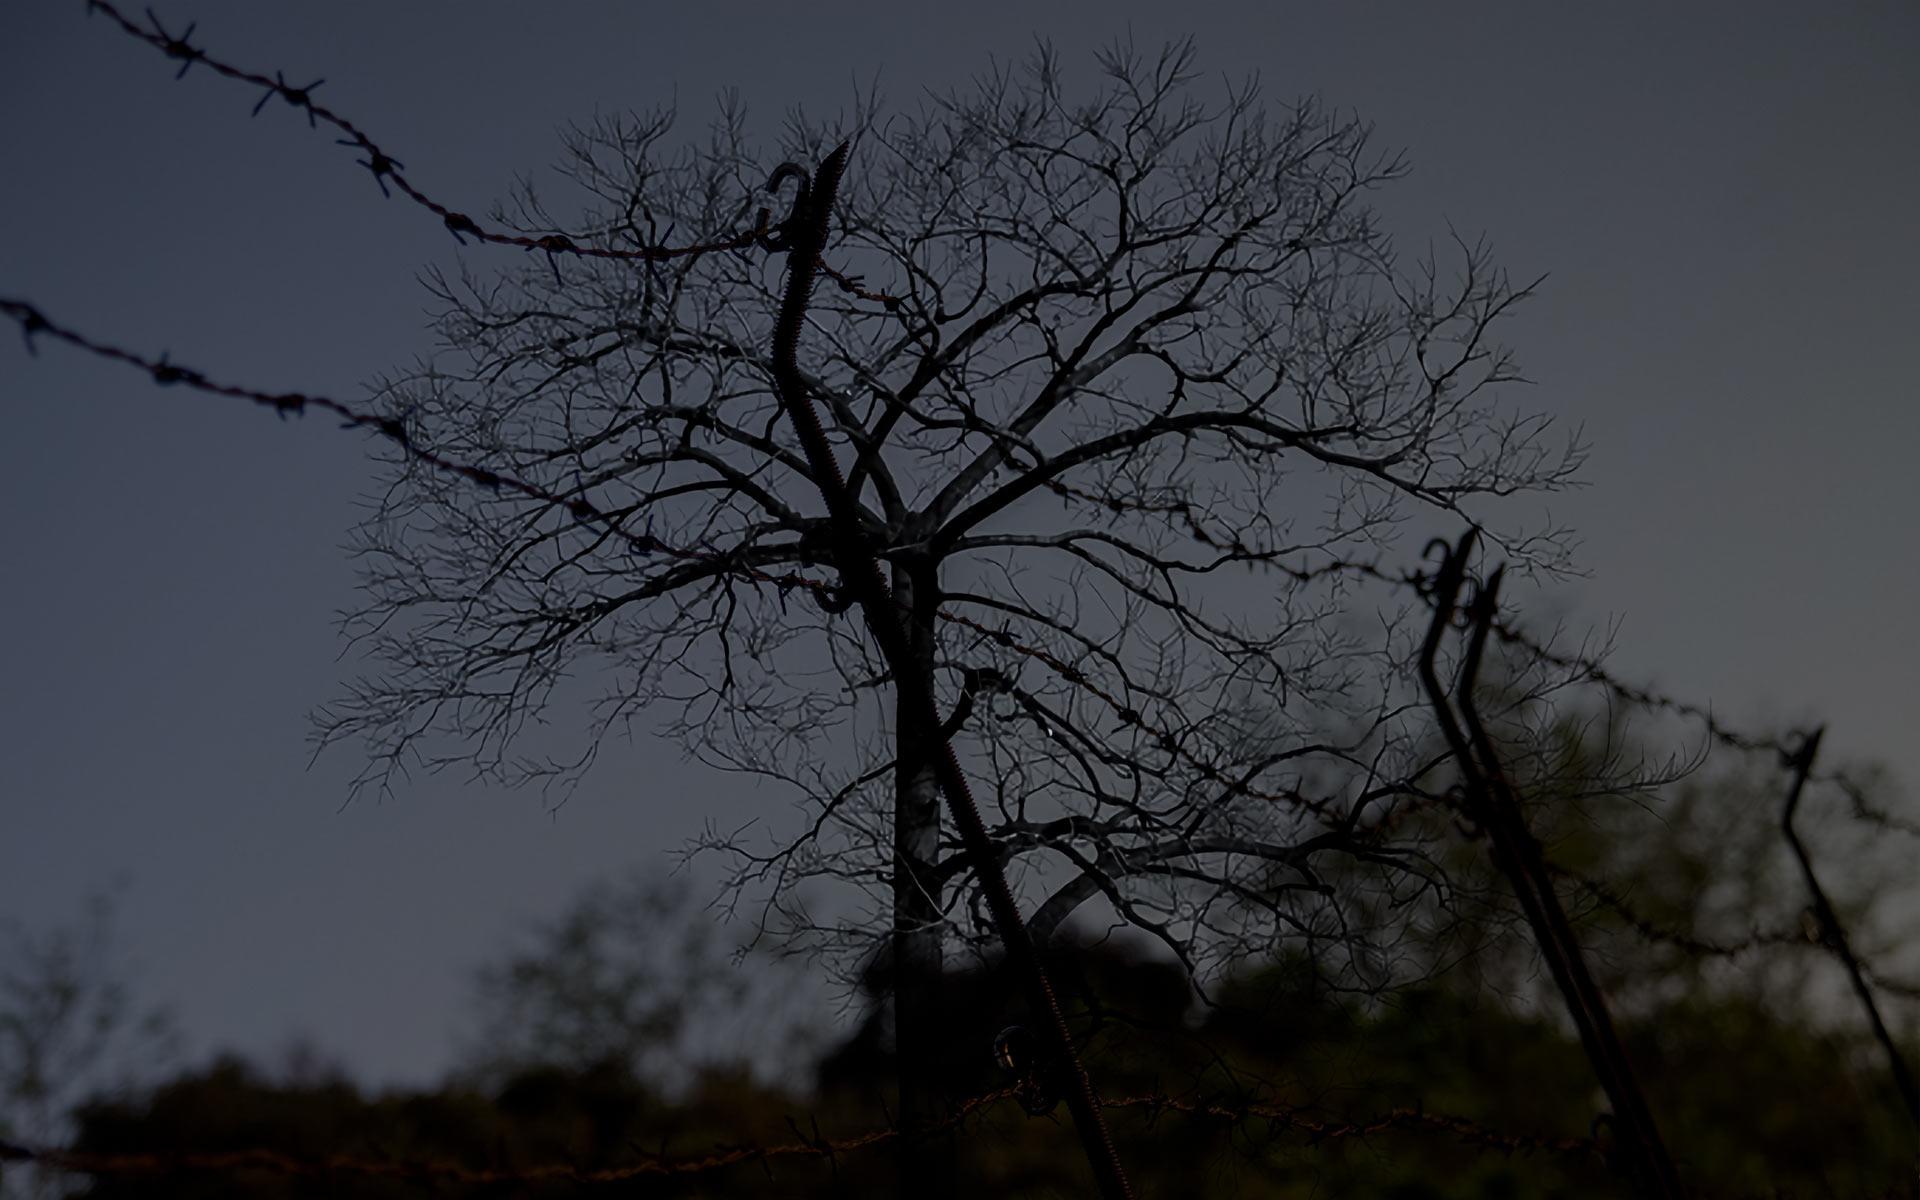 【シリーズ・都市伝説】呪いの巨木「泣く木」